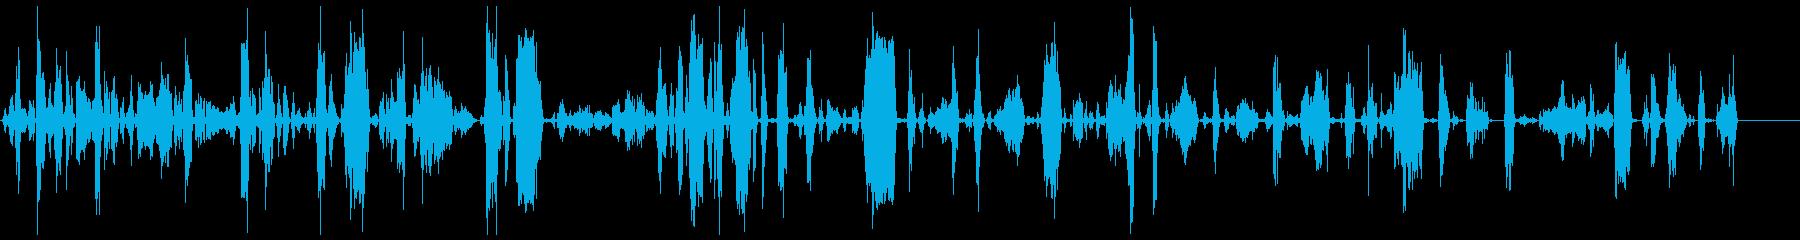 モンスター、タイプB、アグレッシブ2の再生済みの波形